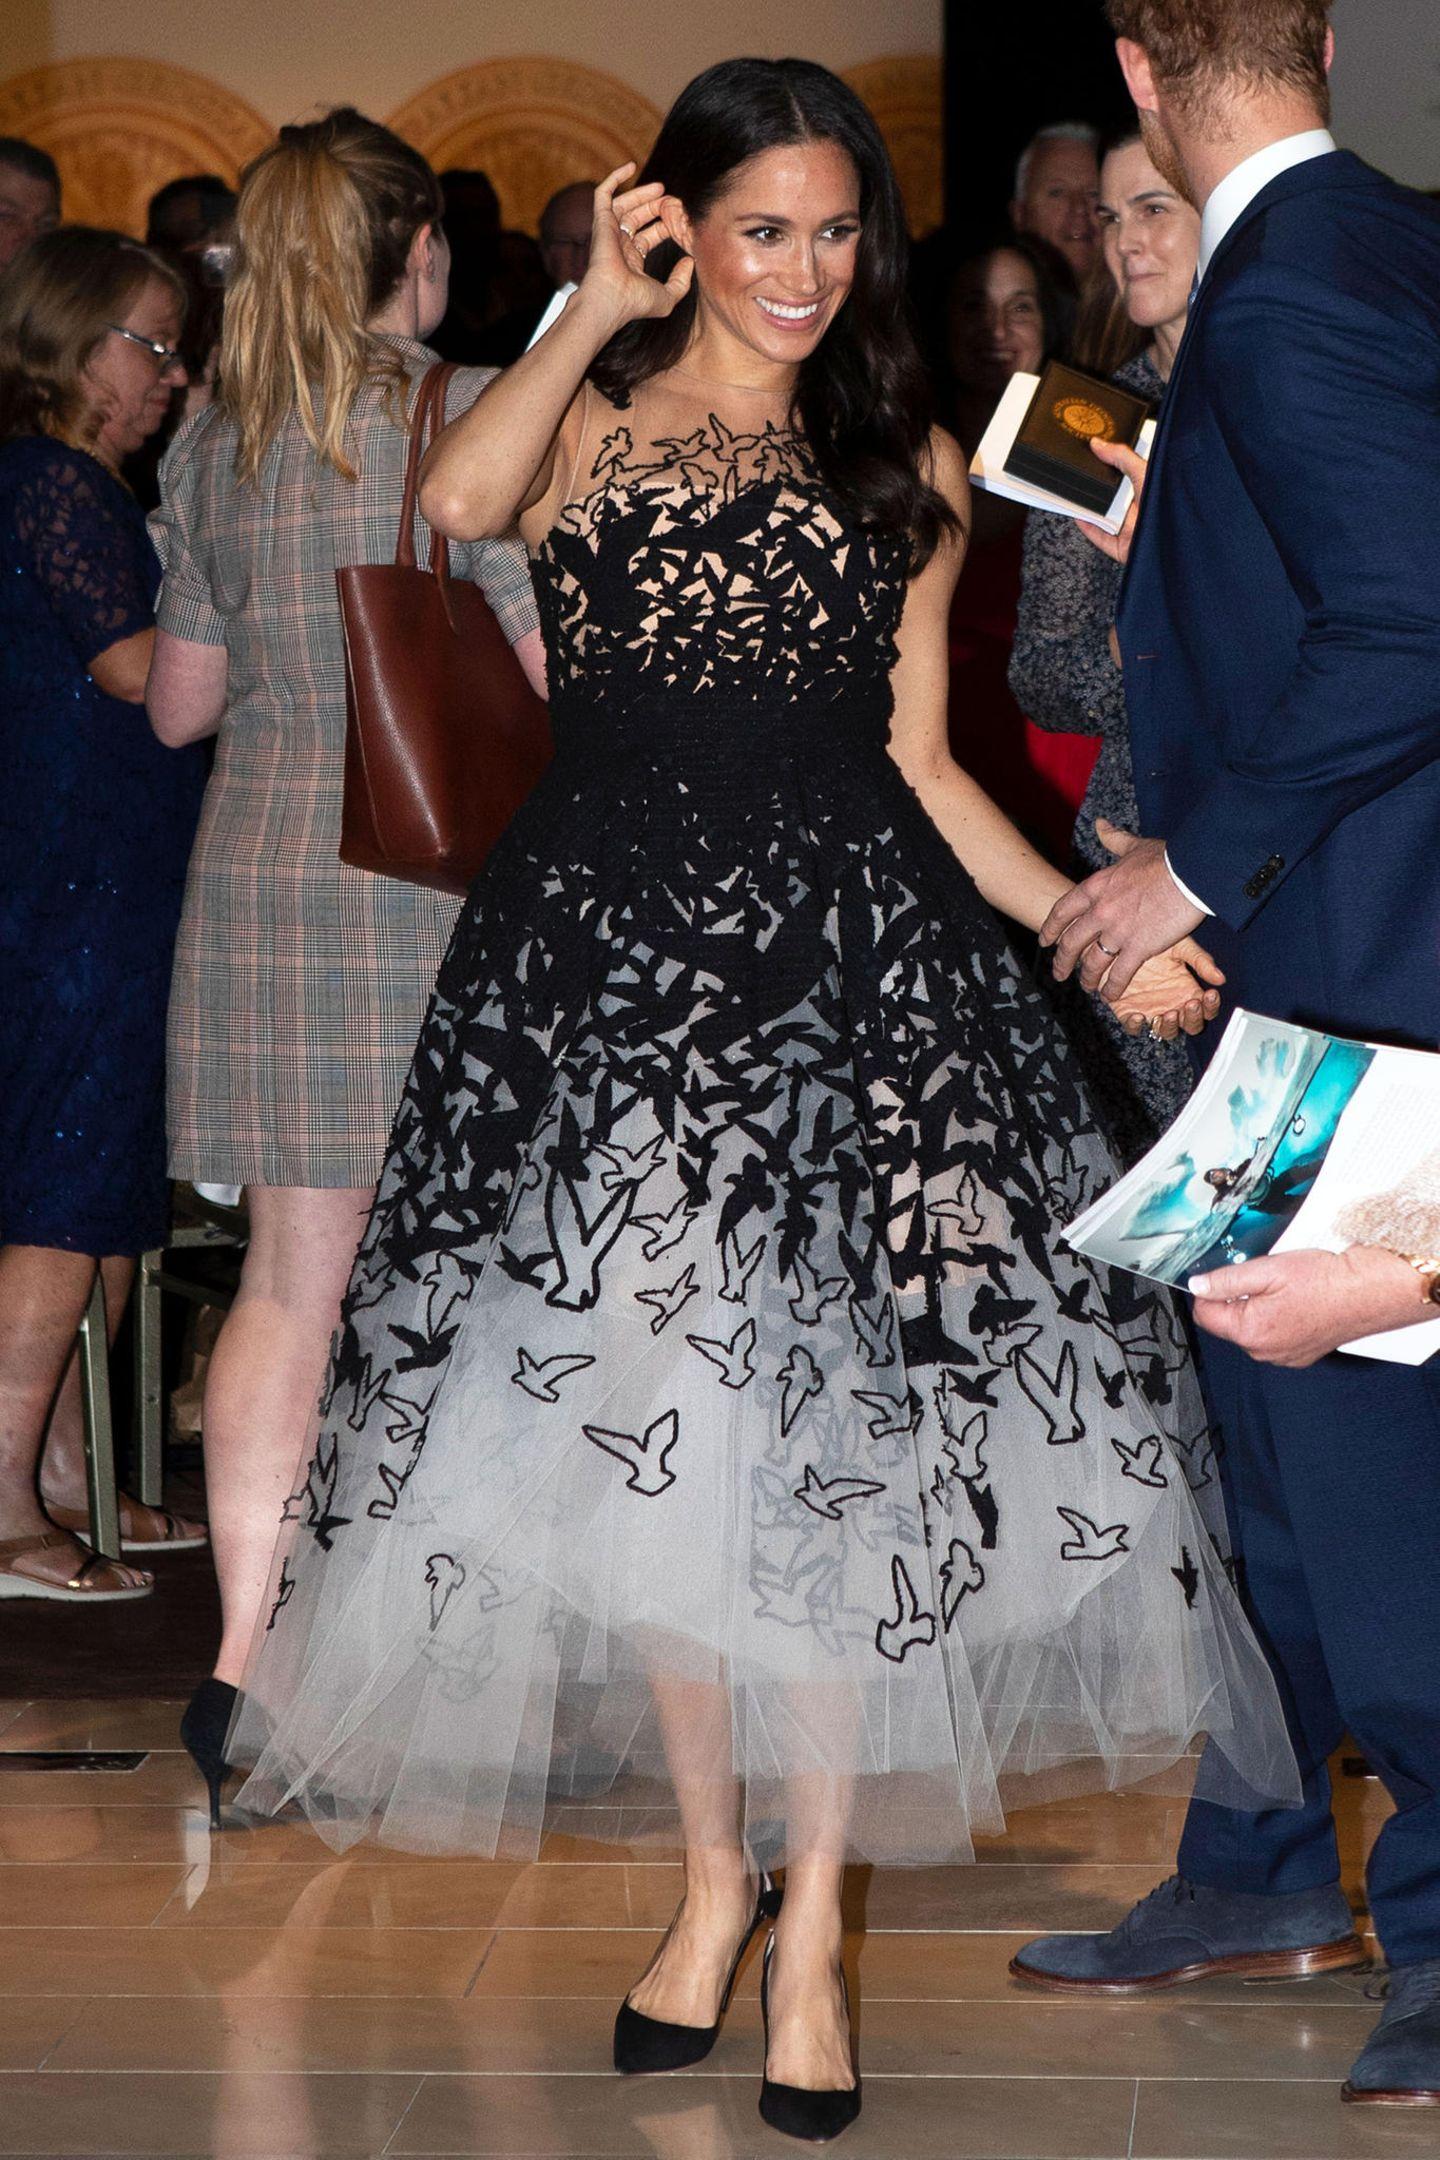 Mit solchen Glamour-Looks dürfte für Meghan bald erst einmal Schluss sein. Da sollte man sich an dem Traumkleid von Oscar de la Renta noch sattsehen.